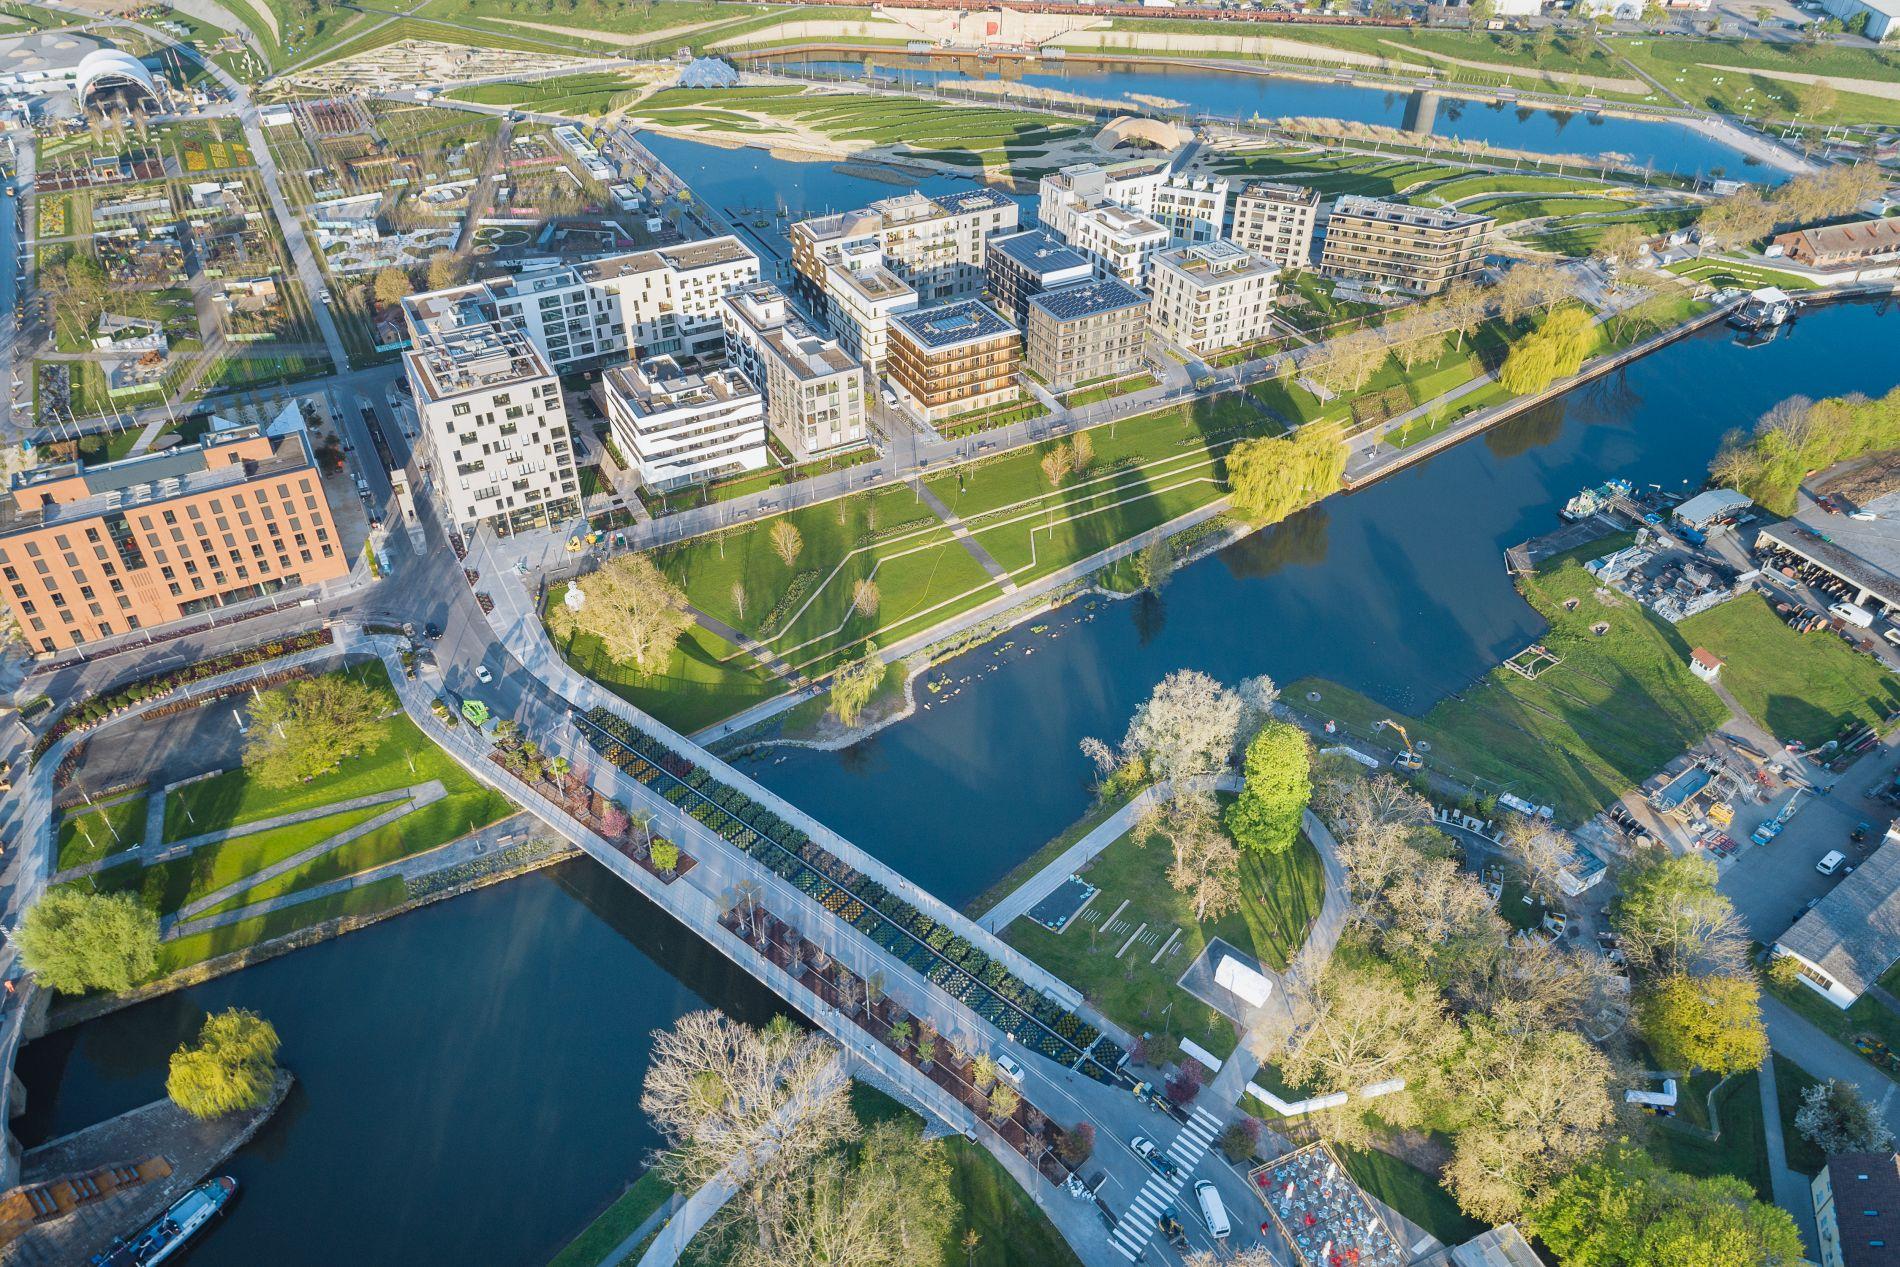 Baukultur BW: Neue Landschaften im Neckarbogen (BUGA 2019 ...